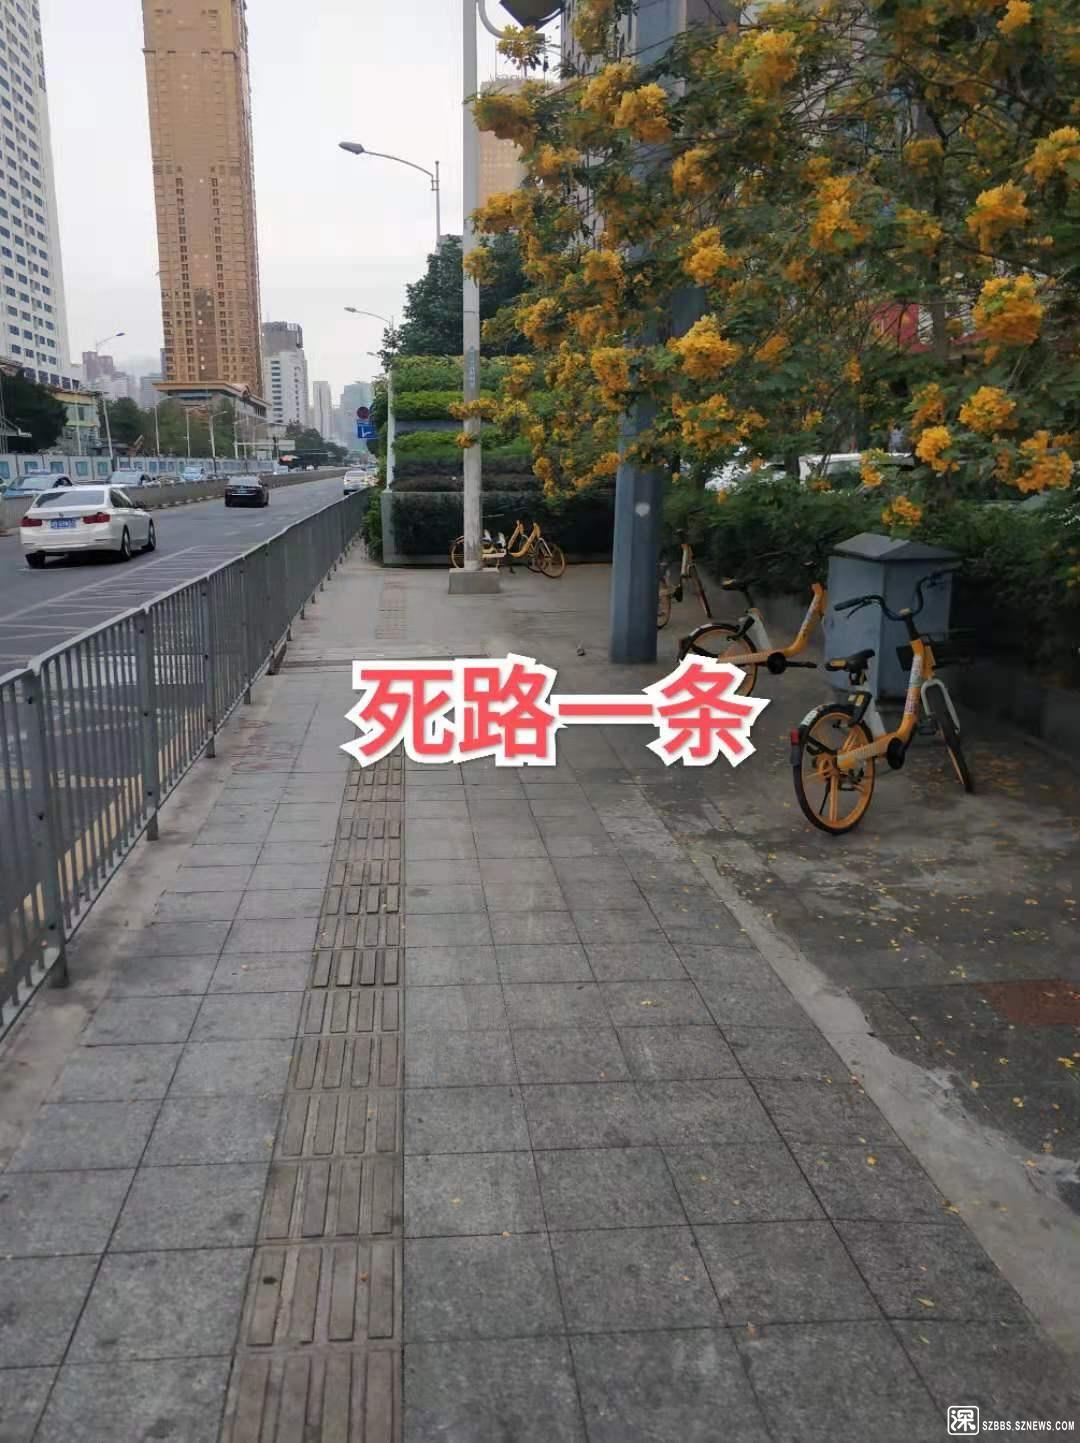 微信图片_3261.jpg